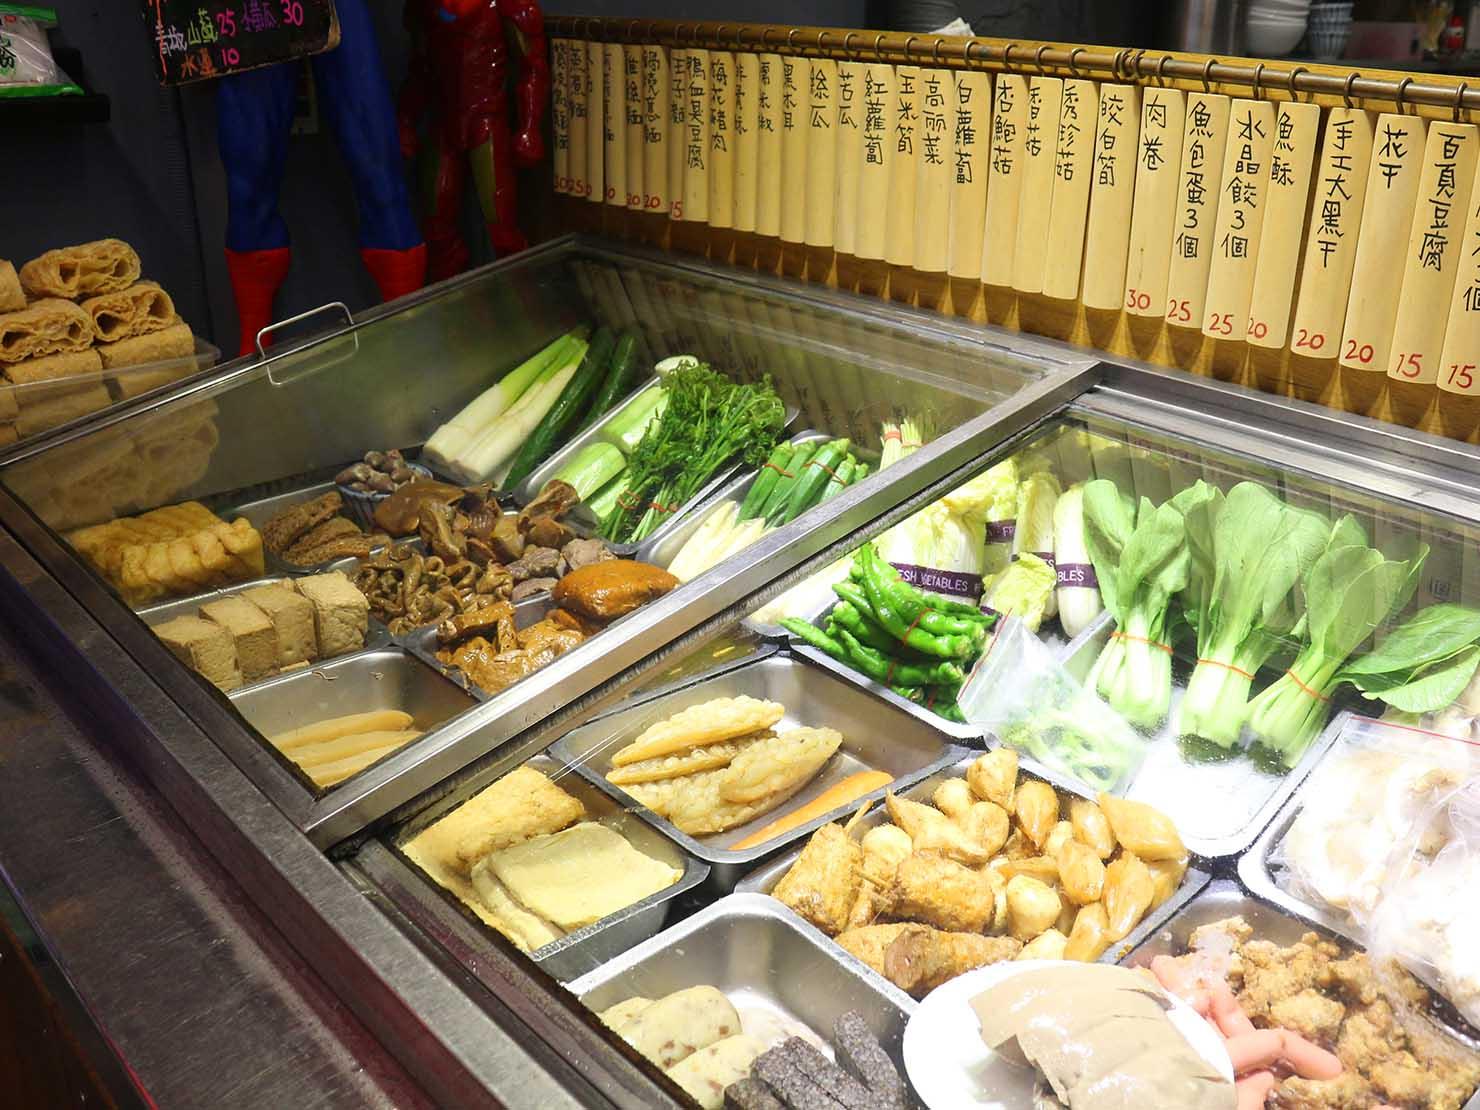 台北・永安市場のおすすめグルメ店「麻辣桑麻辣燙」の軒先に並ぶ食材